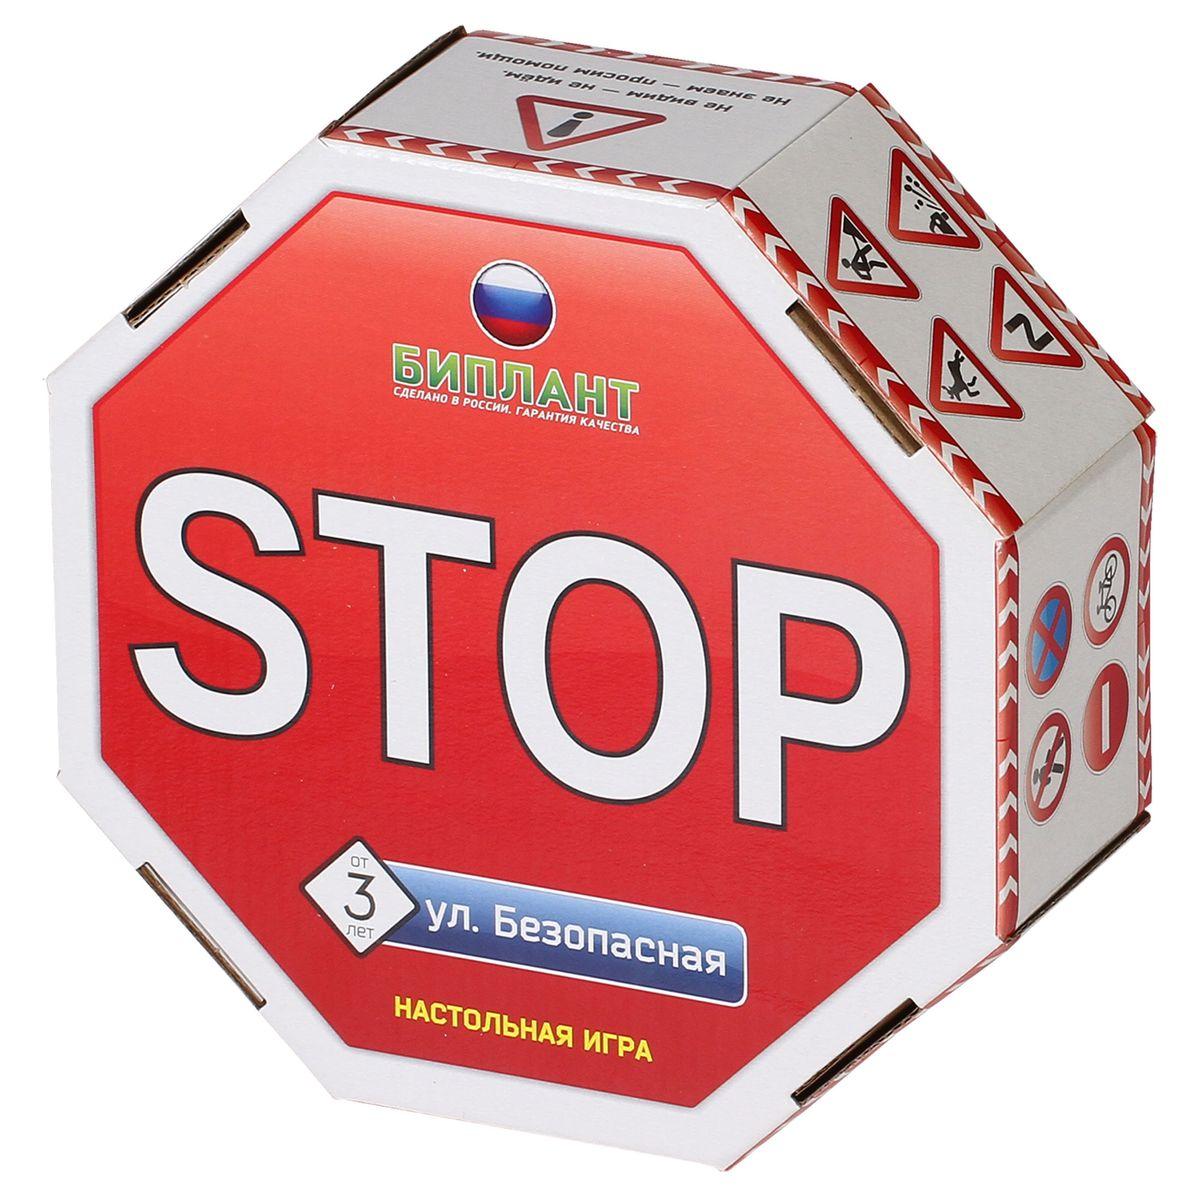 Биплант Обучающая игра Улица Безопасная10029Увлекательная настольная игра для знакомства с дорожными знаками и правилами поведения юного пешехода.